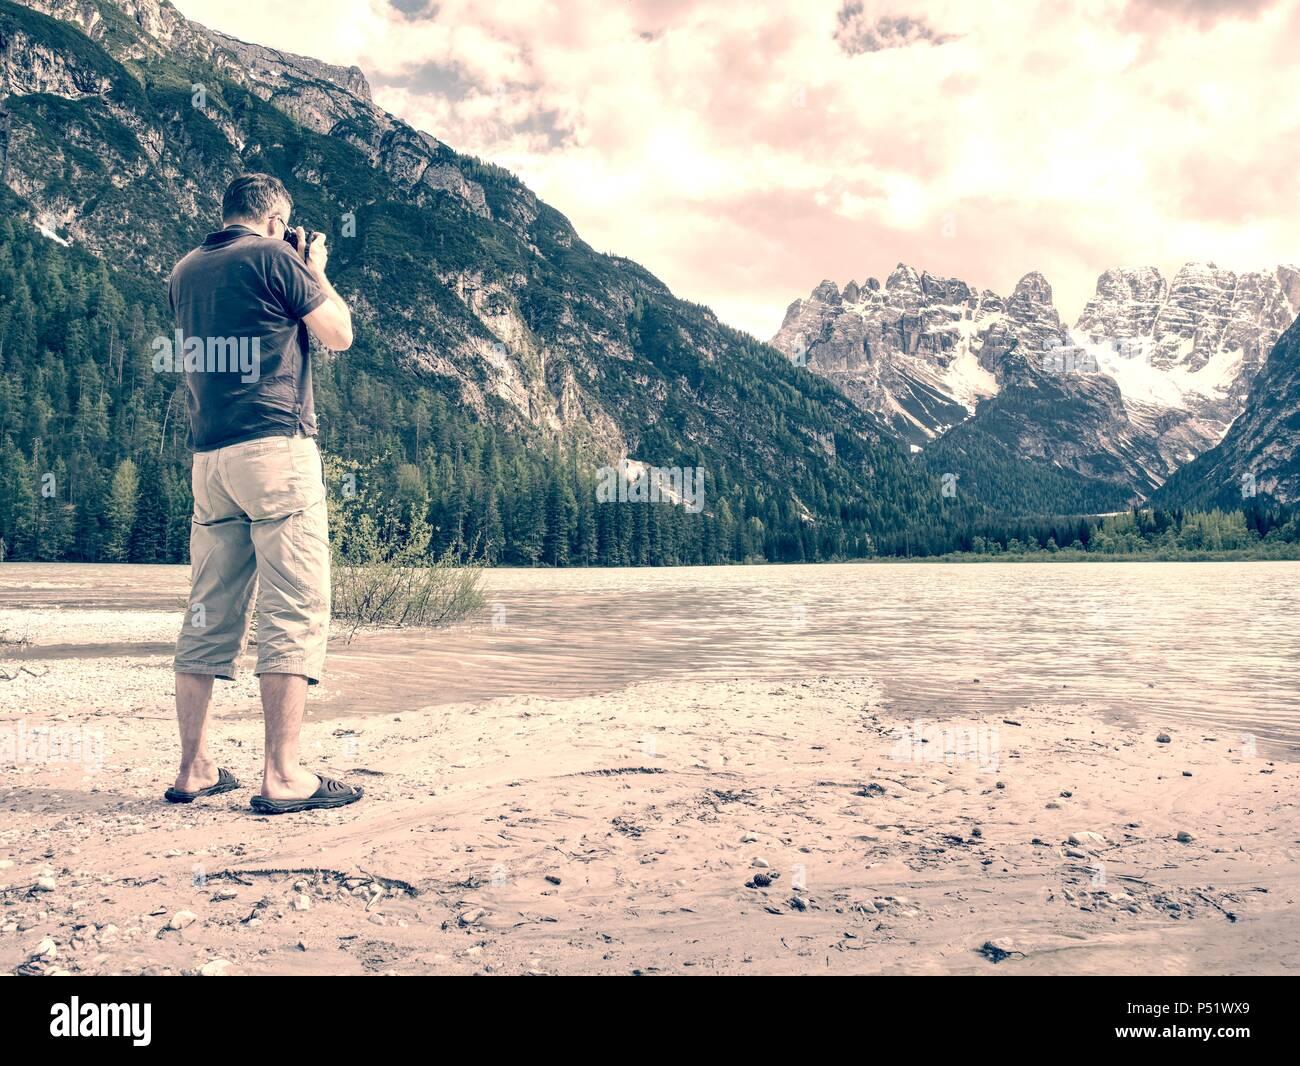 Photo Traveler sta prendendo foto di memoria del paesaggio lacustre. Lago Blu tra alte montagne, picchi toccare nel cielo blu. Viaggio il concetto di stile di vita Immagini Stock